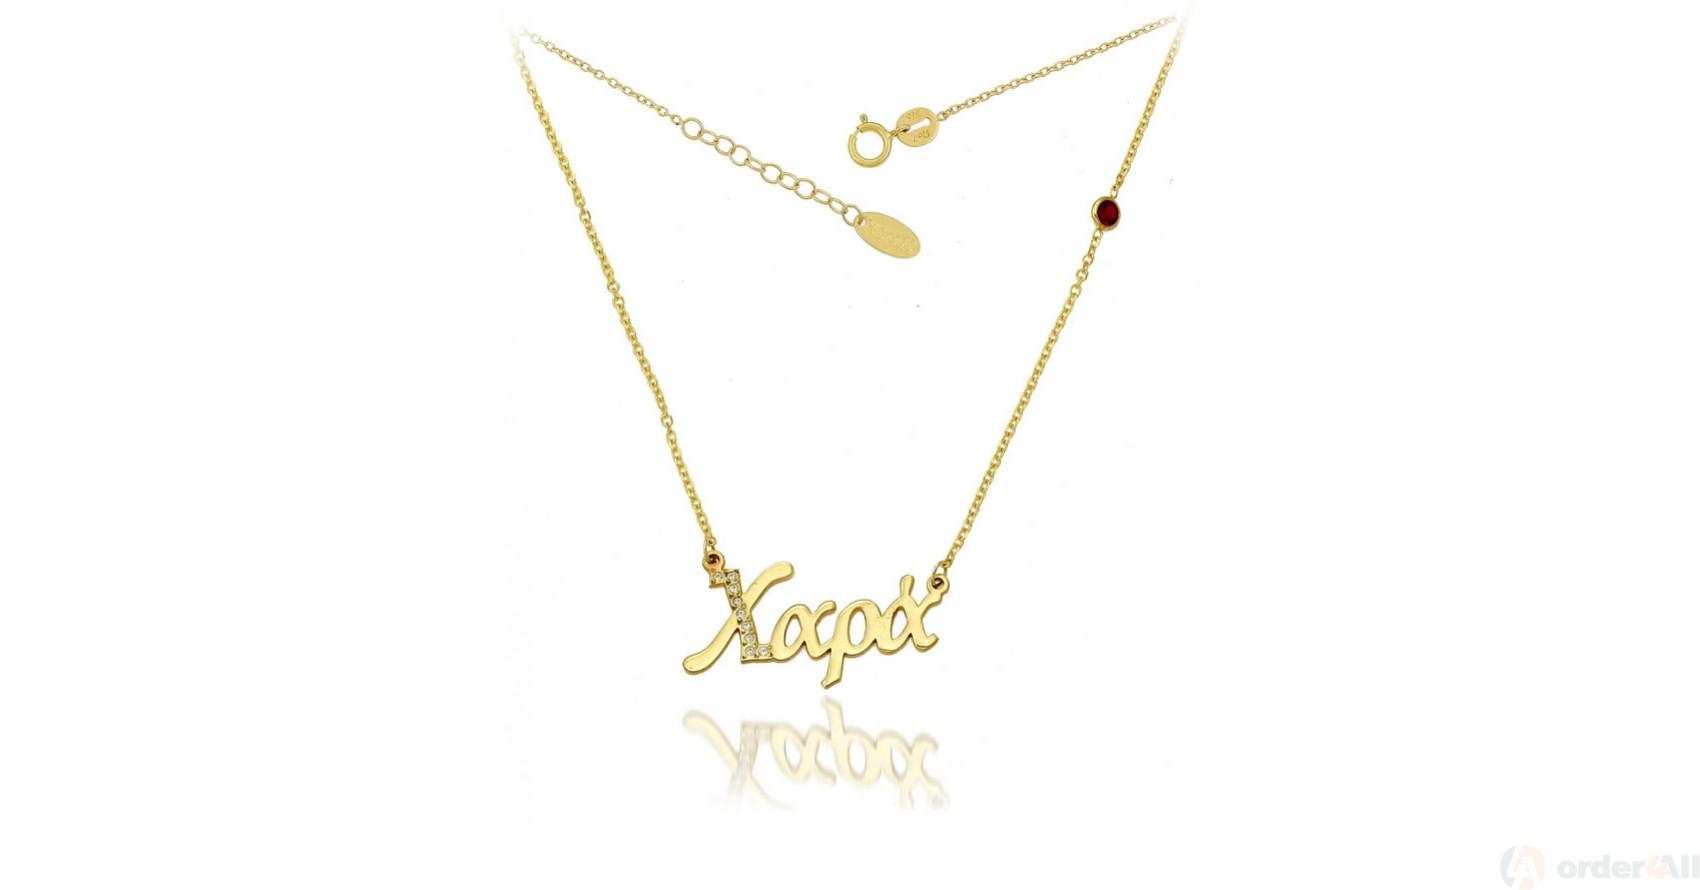 Κολιε με ονομα Χαρά σε Κιτρινο Χρυσο 375 ⁰ με Cubic Zirconia  ff48fa3aab2